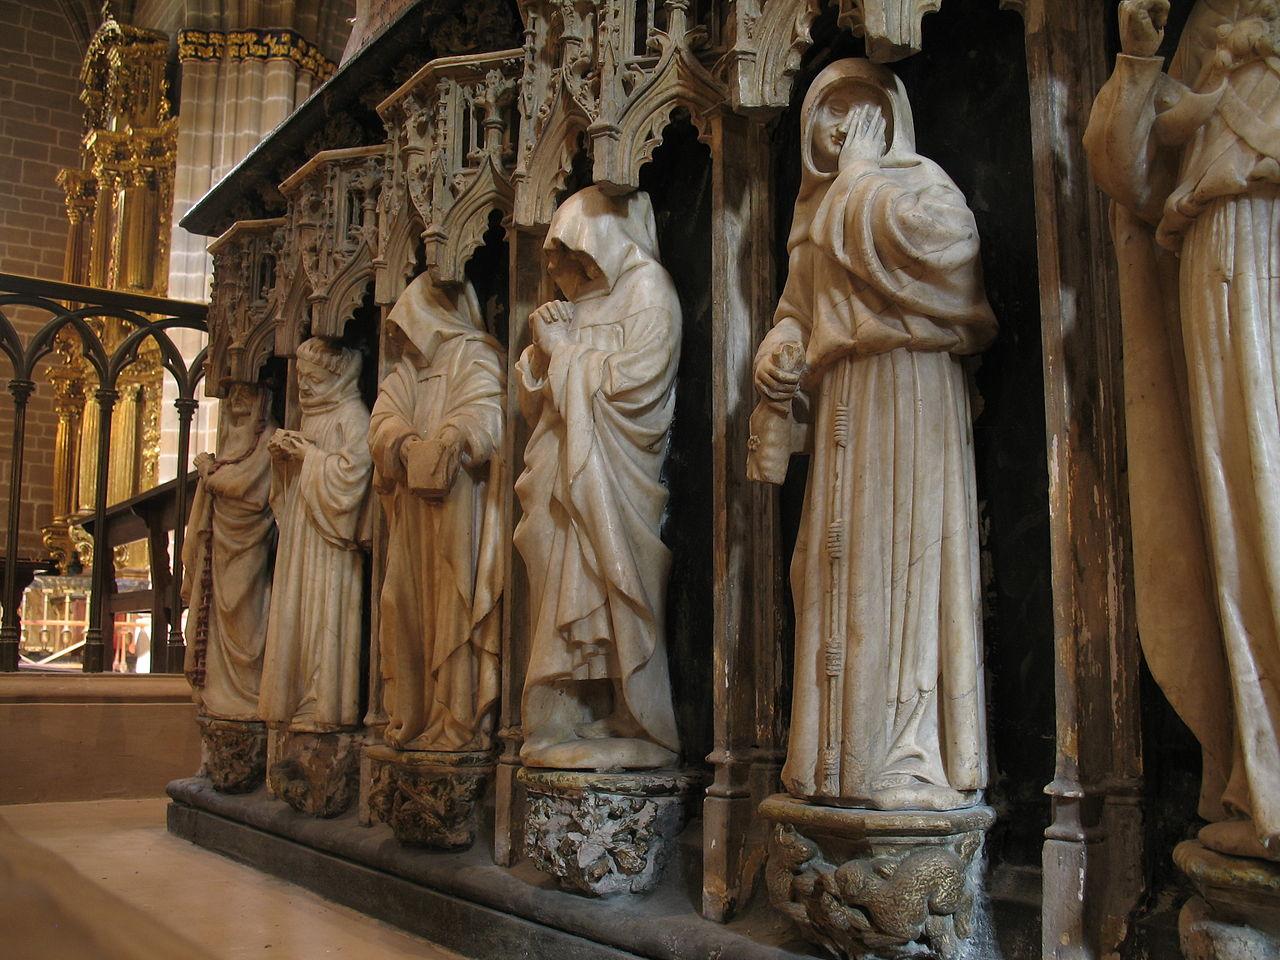 Archivo:Plorantes del sepulcro de Carlos III el Noble.JPG - Wikipedia, la enciclopedia libre